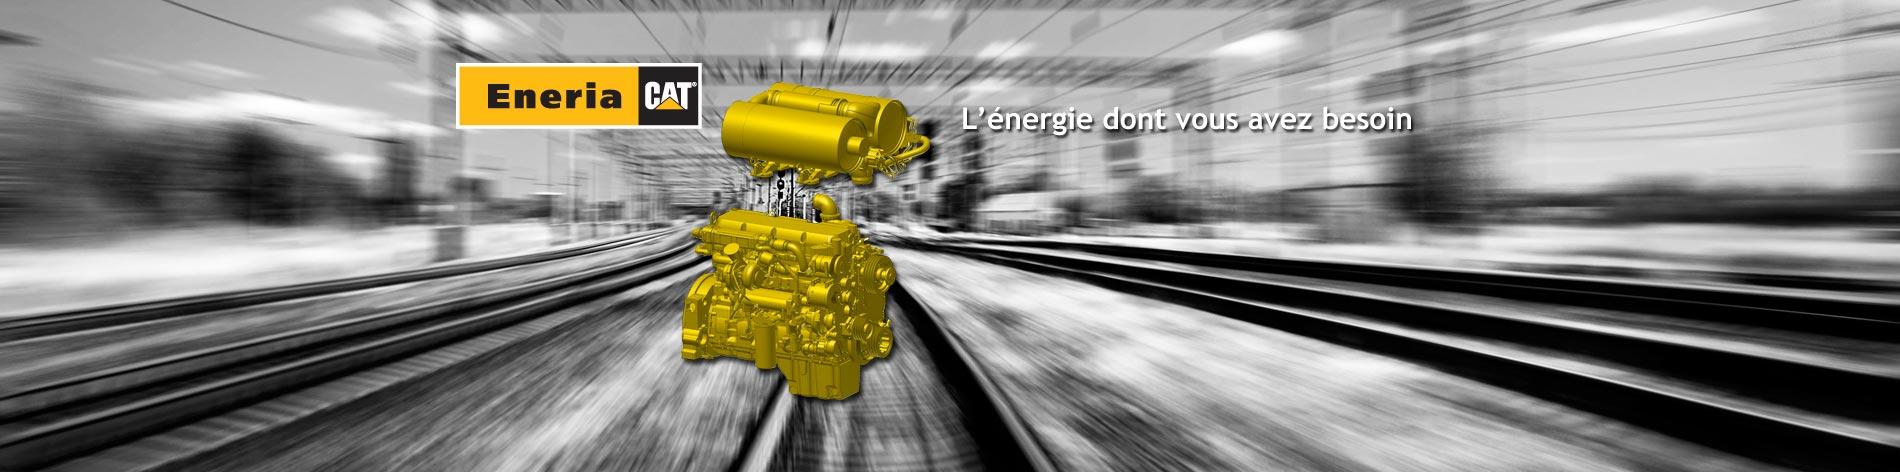 Nous proposons une large gamme de moteurs diesel Caterpillar, dans de nombreuses versions, destinés à équiper des machines industrielles et ferroviaires.